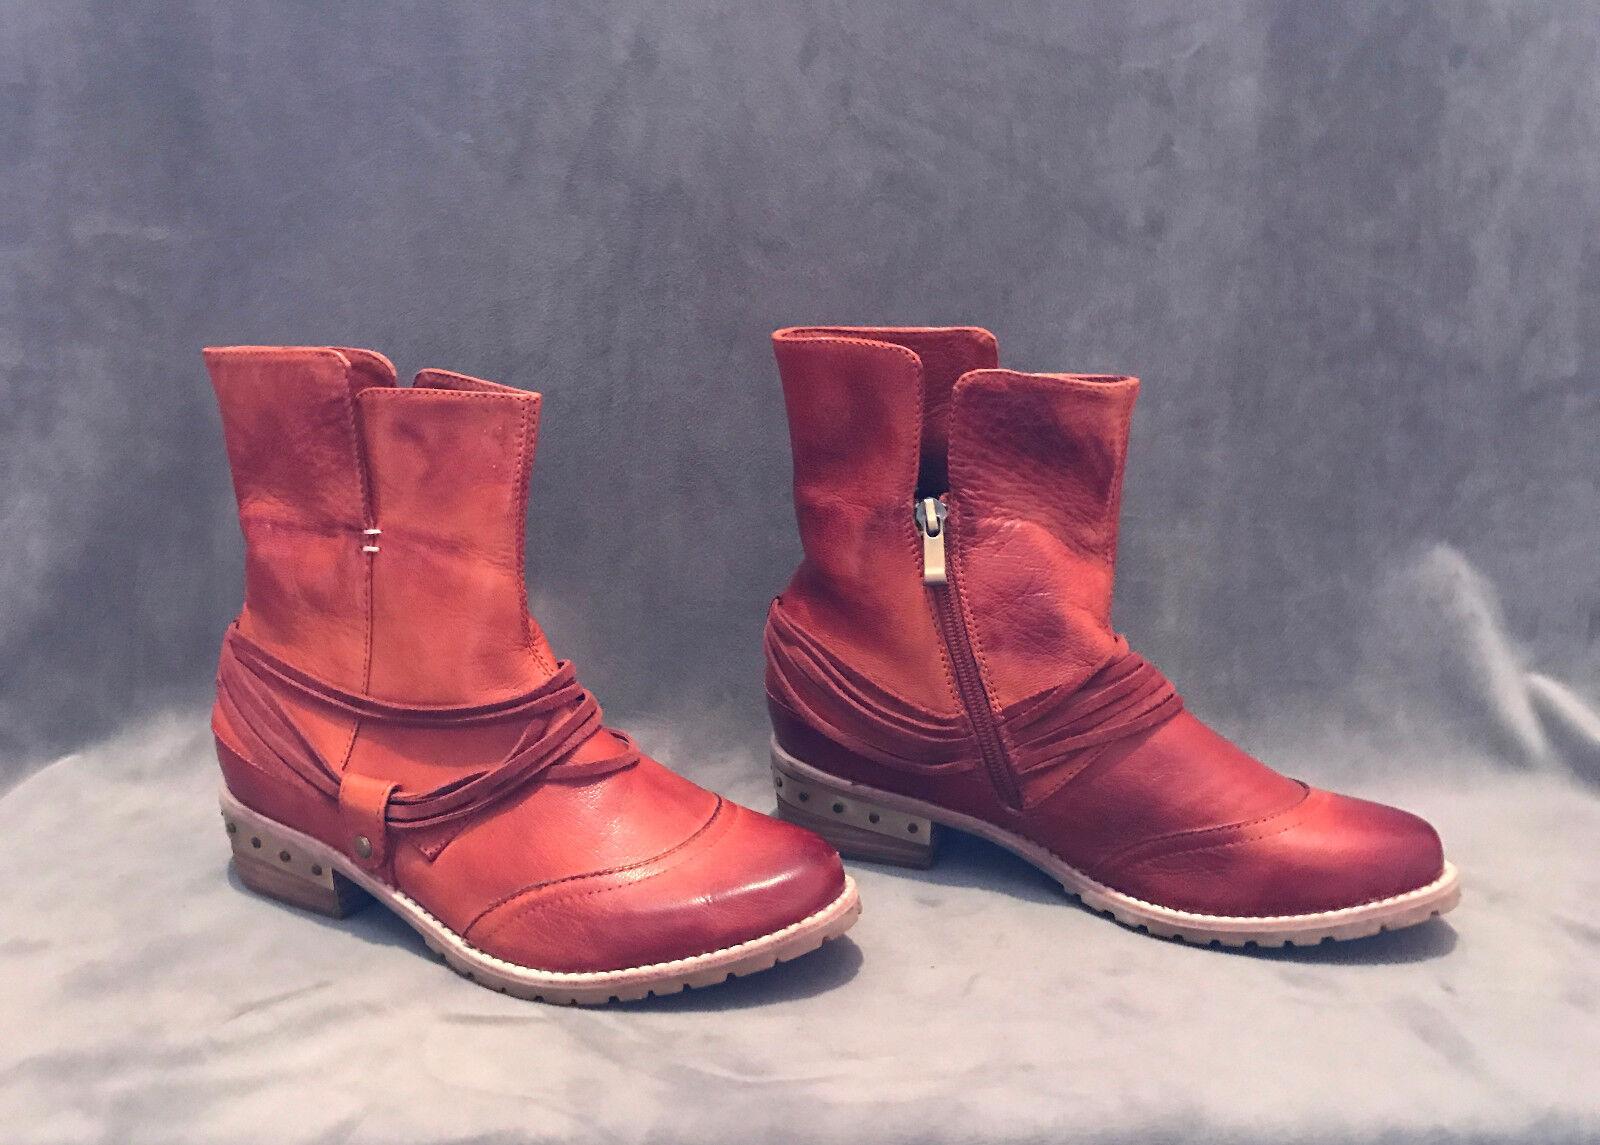 Nuevo anthropologie antílope roya parda Tachonado Tachonado Tachonado botas al Tobillo Zapatos Talla 37  Entrega gratuita y rápida disponible.